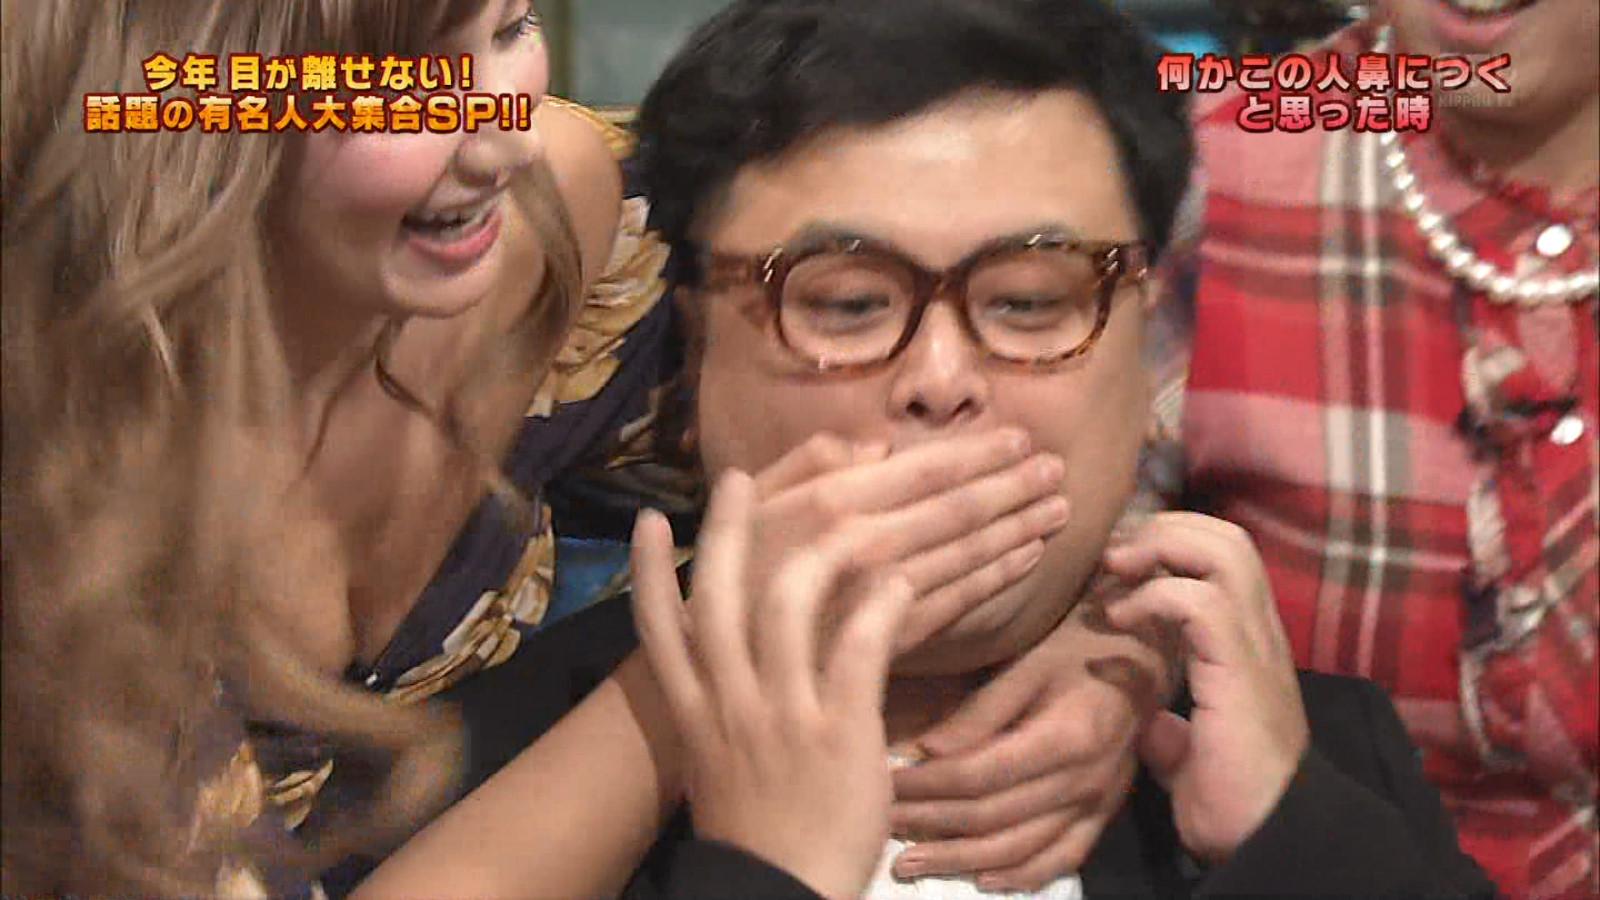 佐藤エリ_谷間_おっぱい_テレビキャプ画像_05